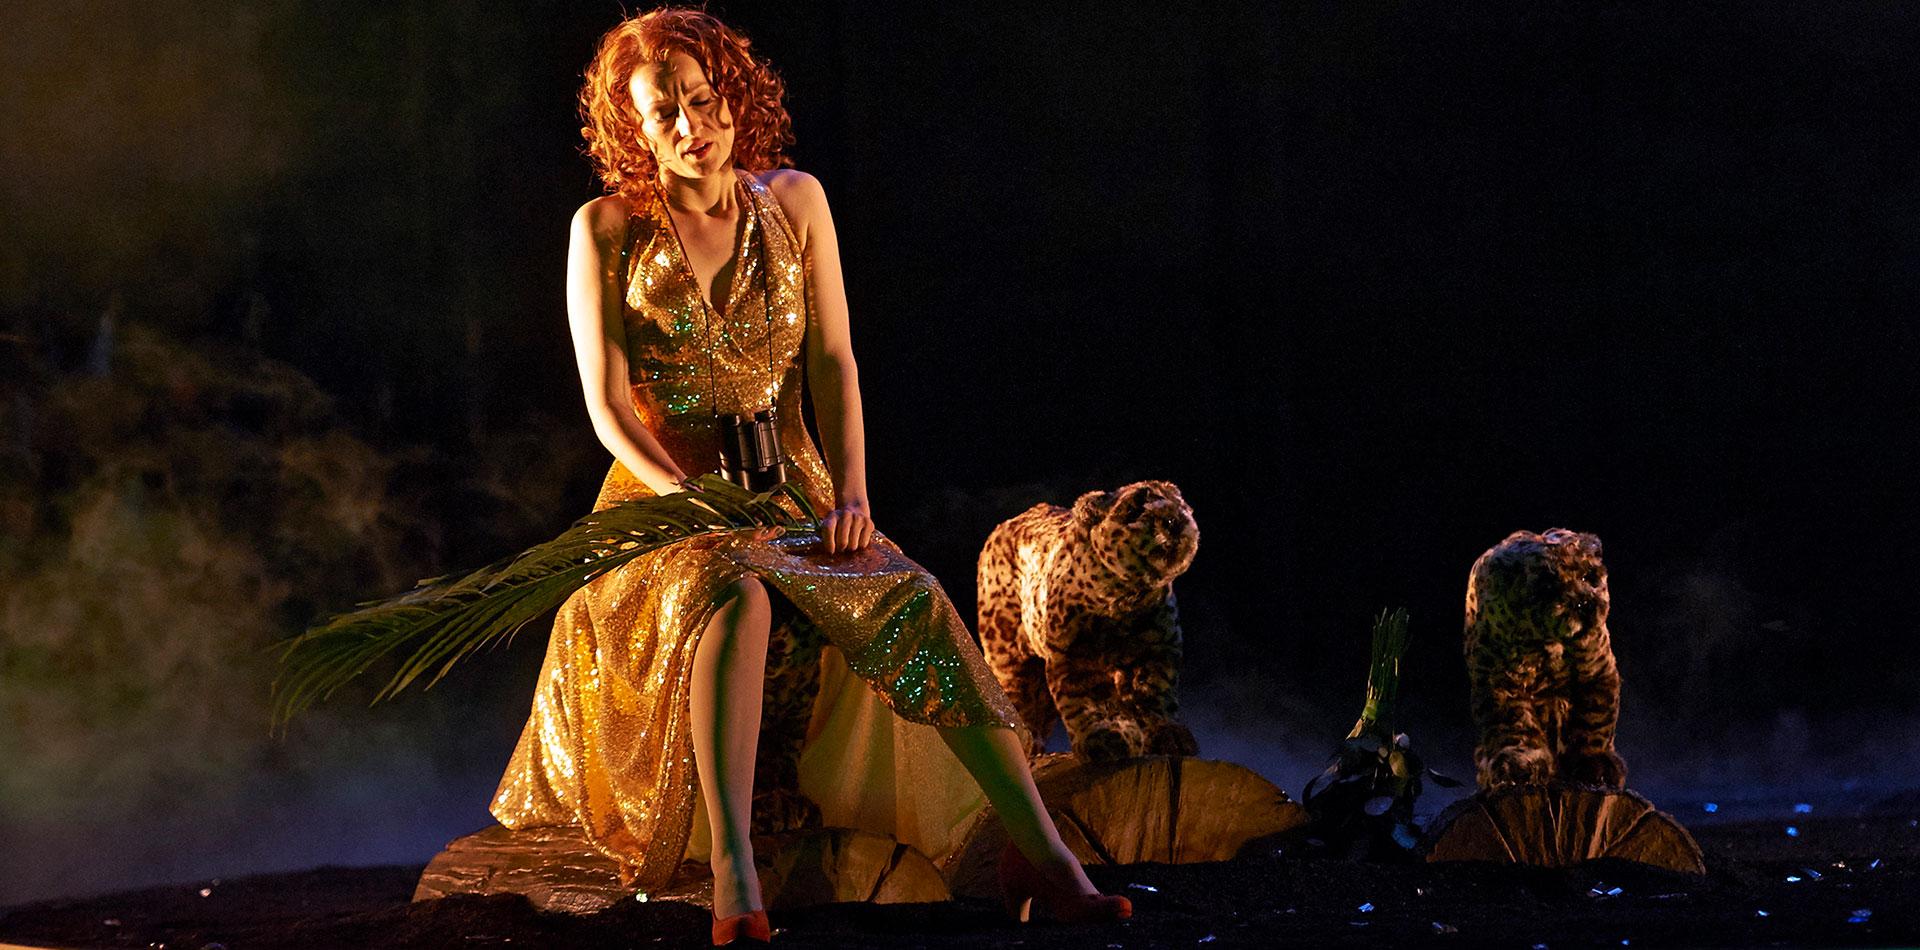 Martina Welschenbach auf der Bühne - Oper Lulu